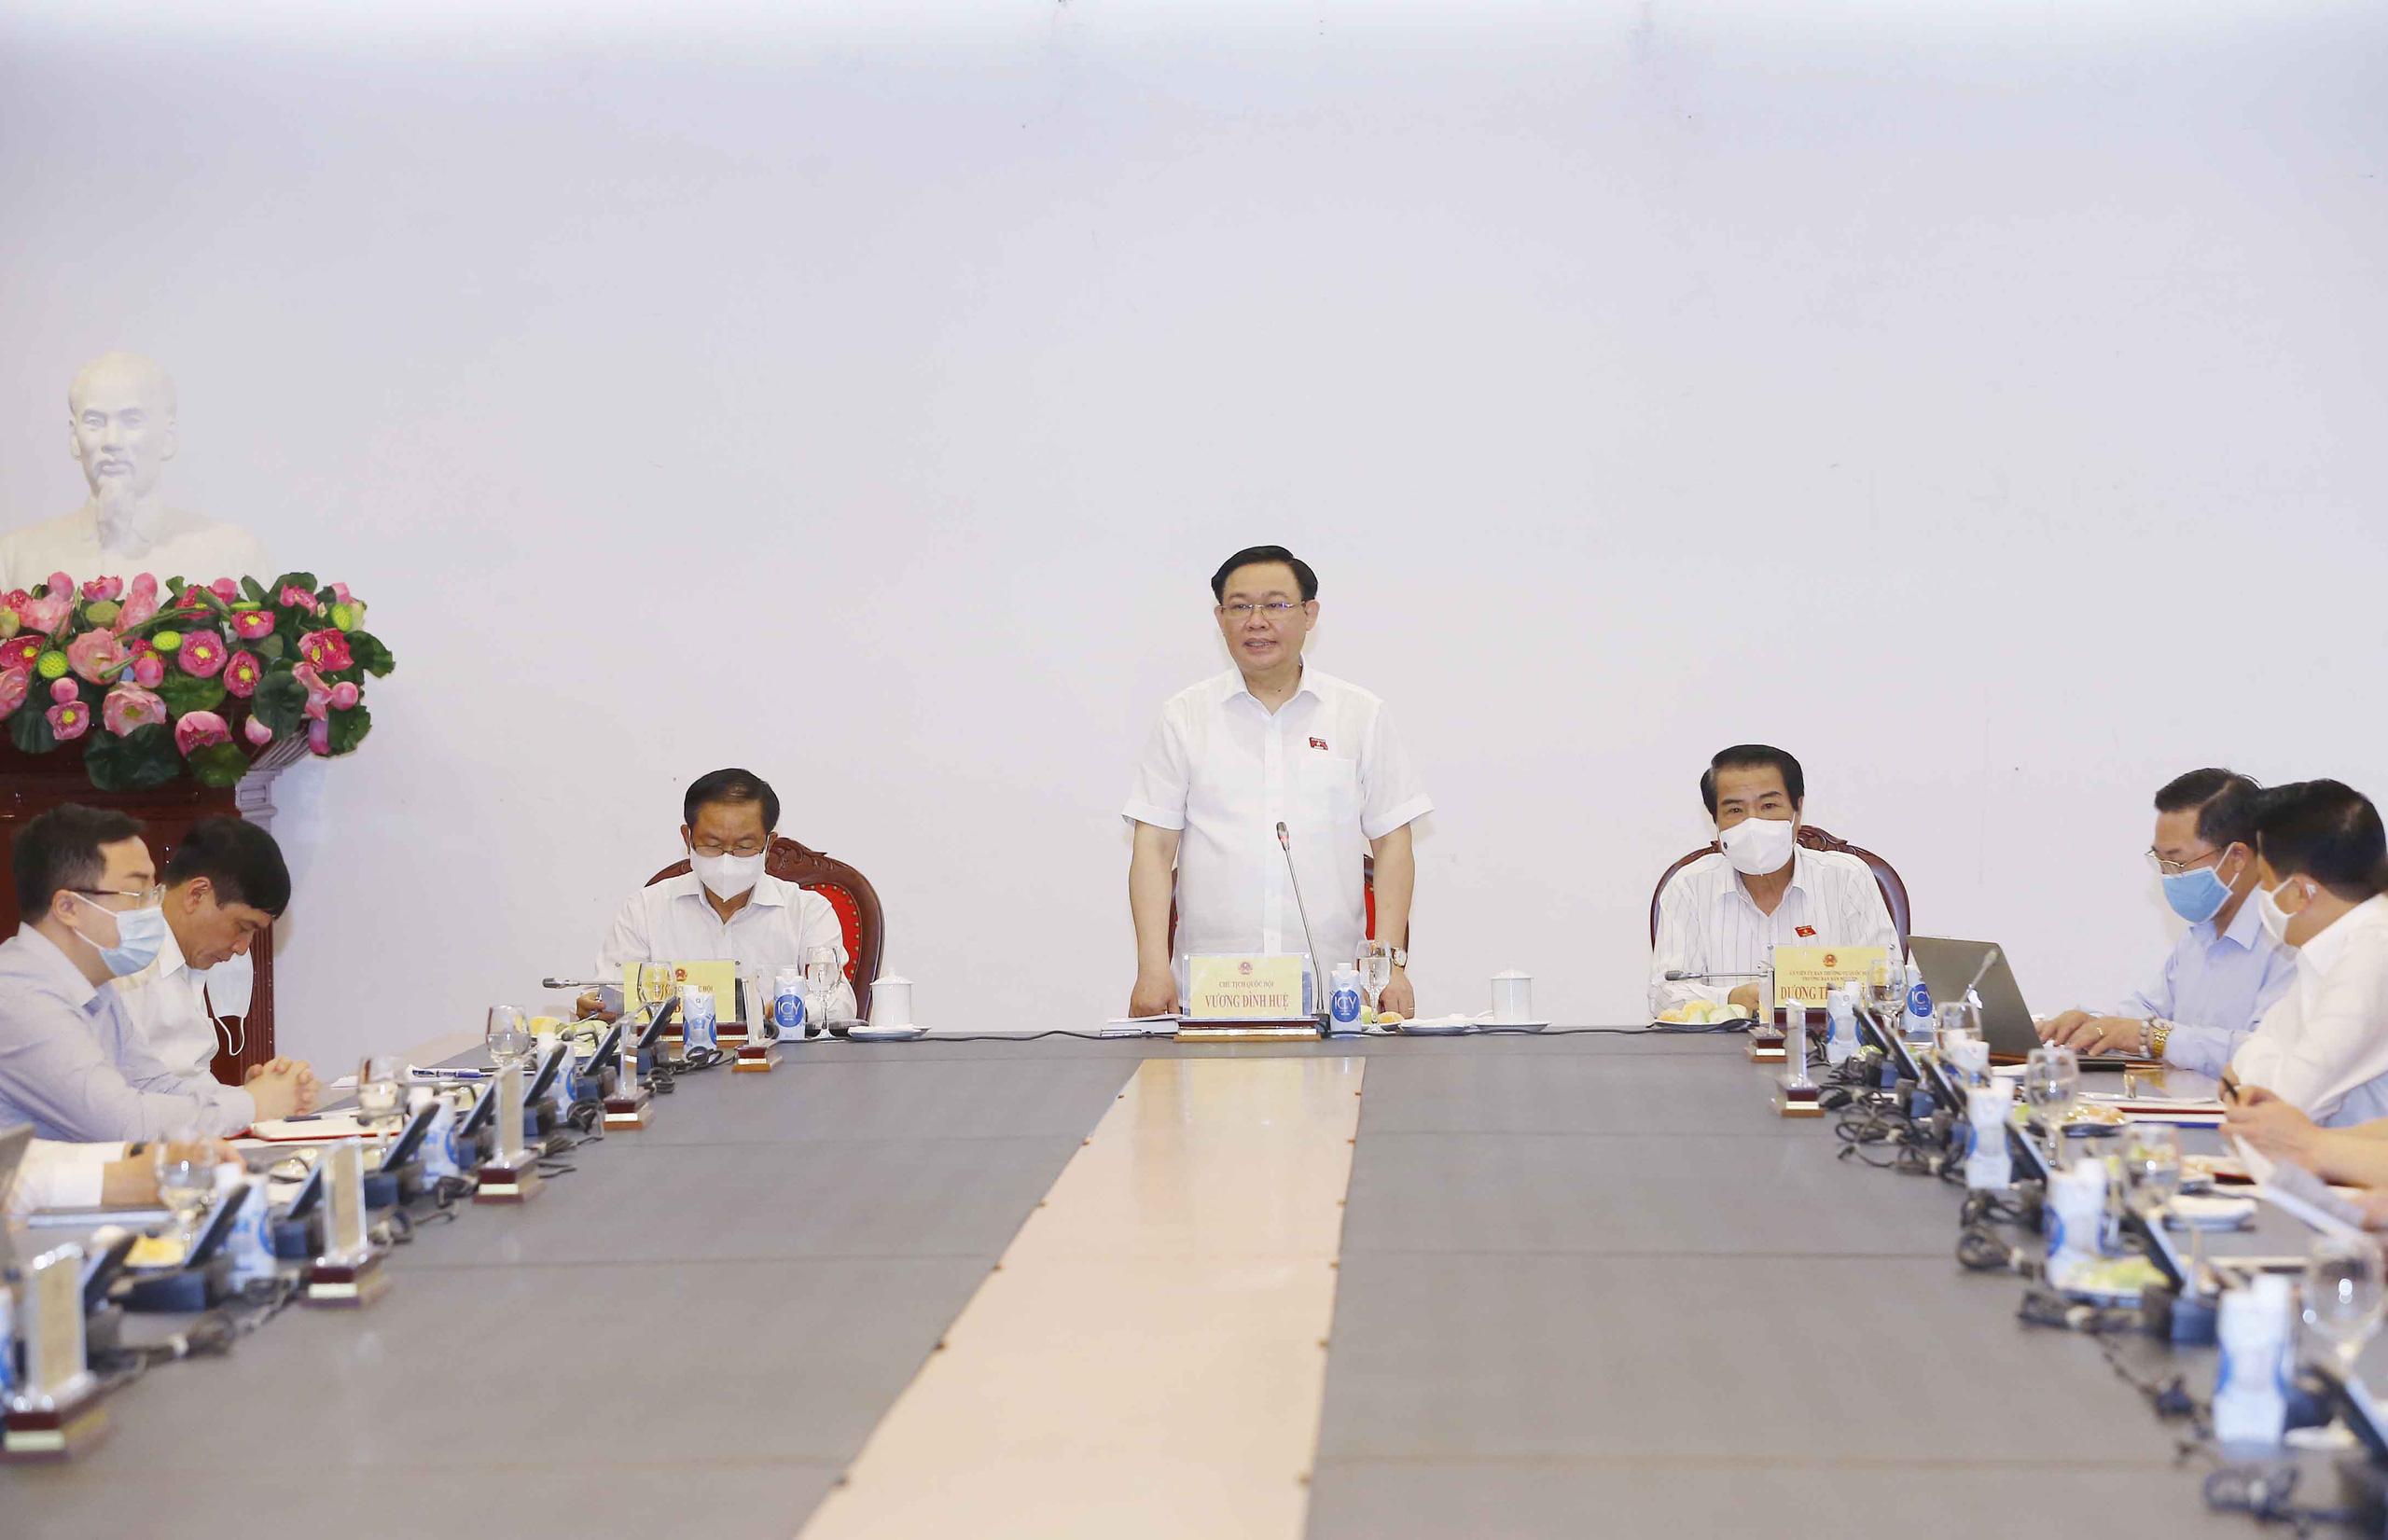 Chủ tịch Quốc hội Vương Đình Huệ làm việc với Ban Dân nguyện   - Ảnh 2.